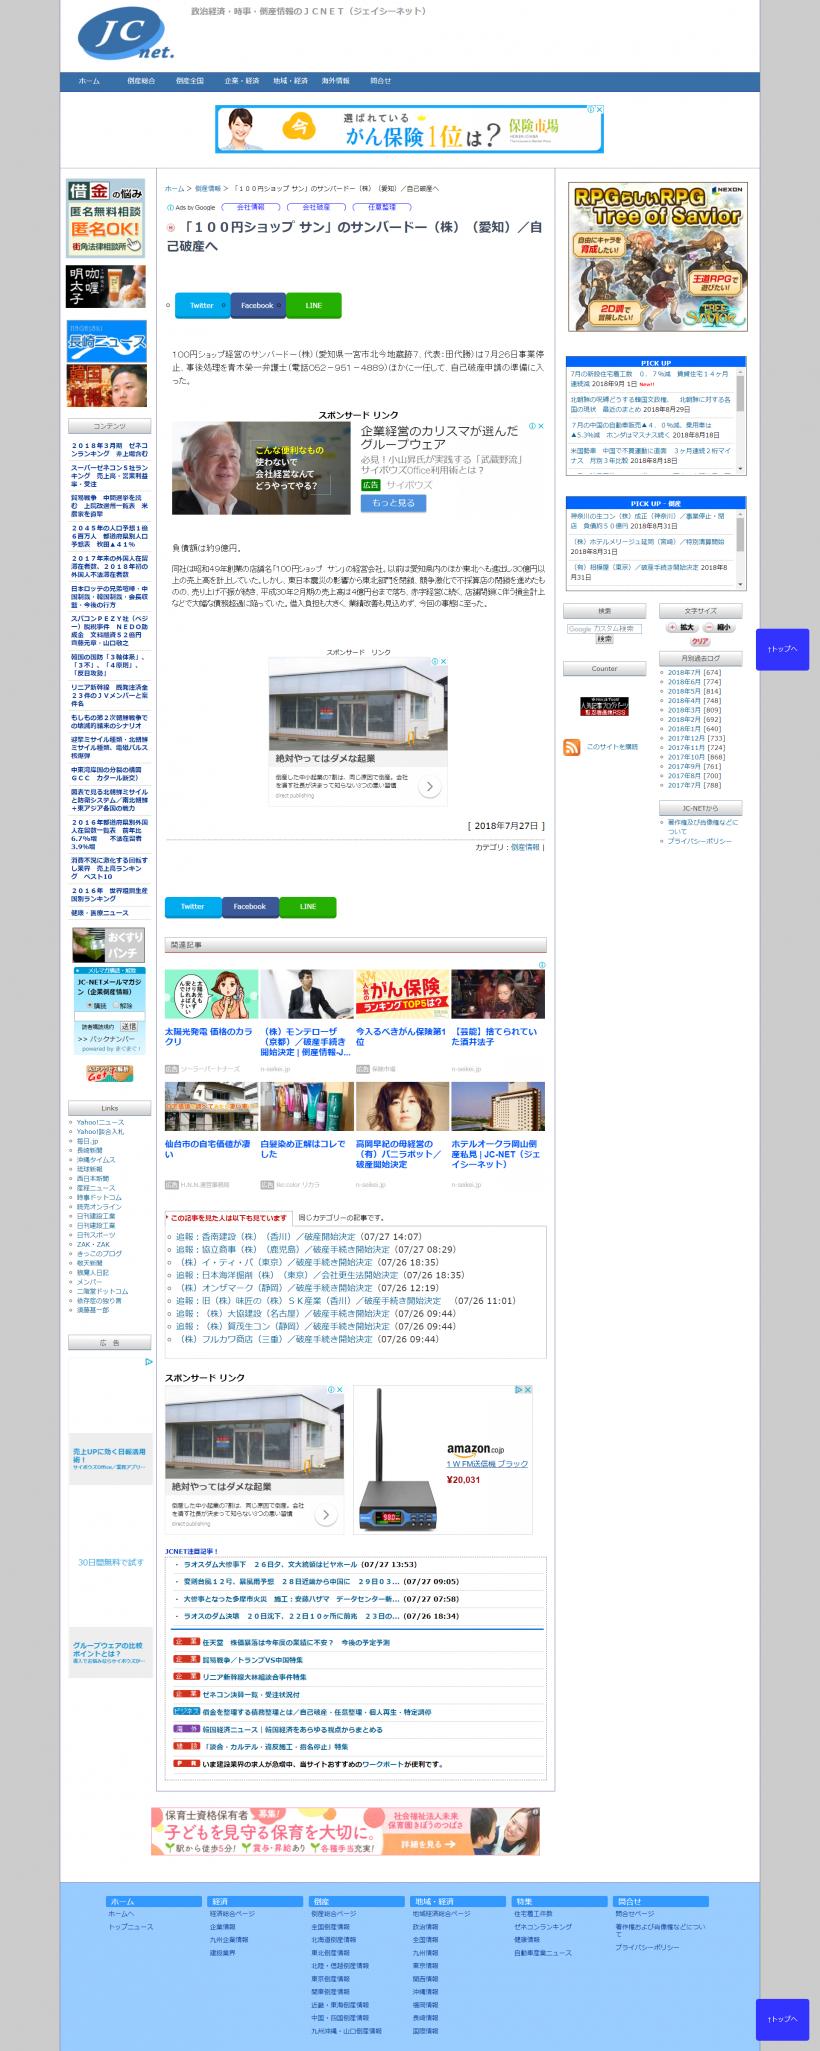 サンバードー自己破産_screencapture-n-seikei-jp-2018-07-sunbirdoo-tousan-html-2018-09-01-22_22_10 (1)